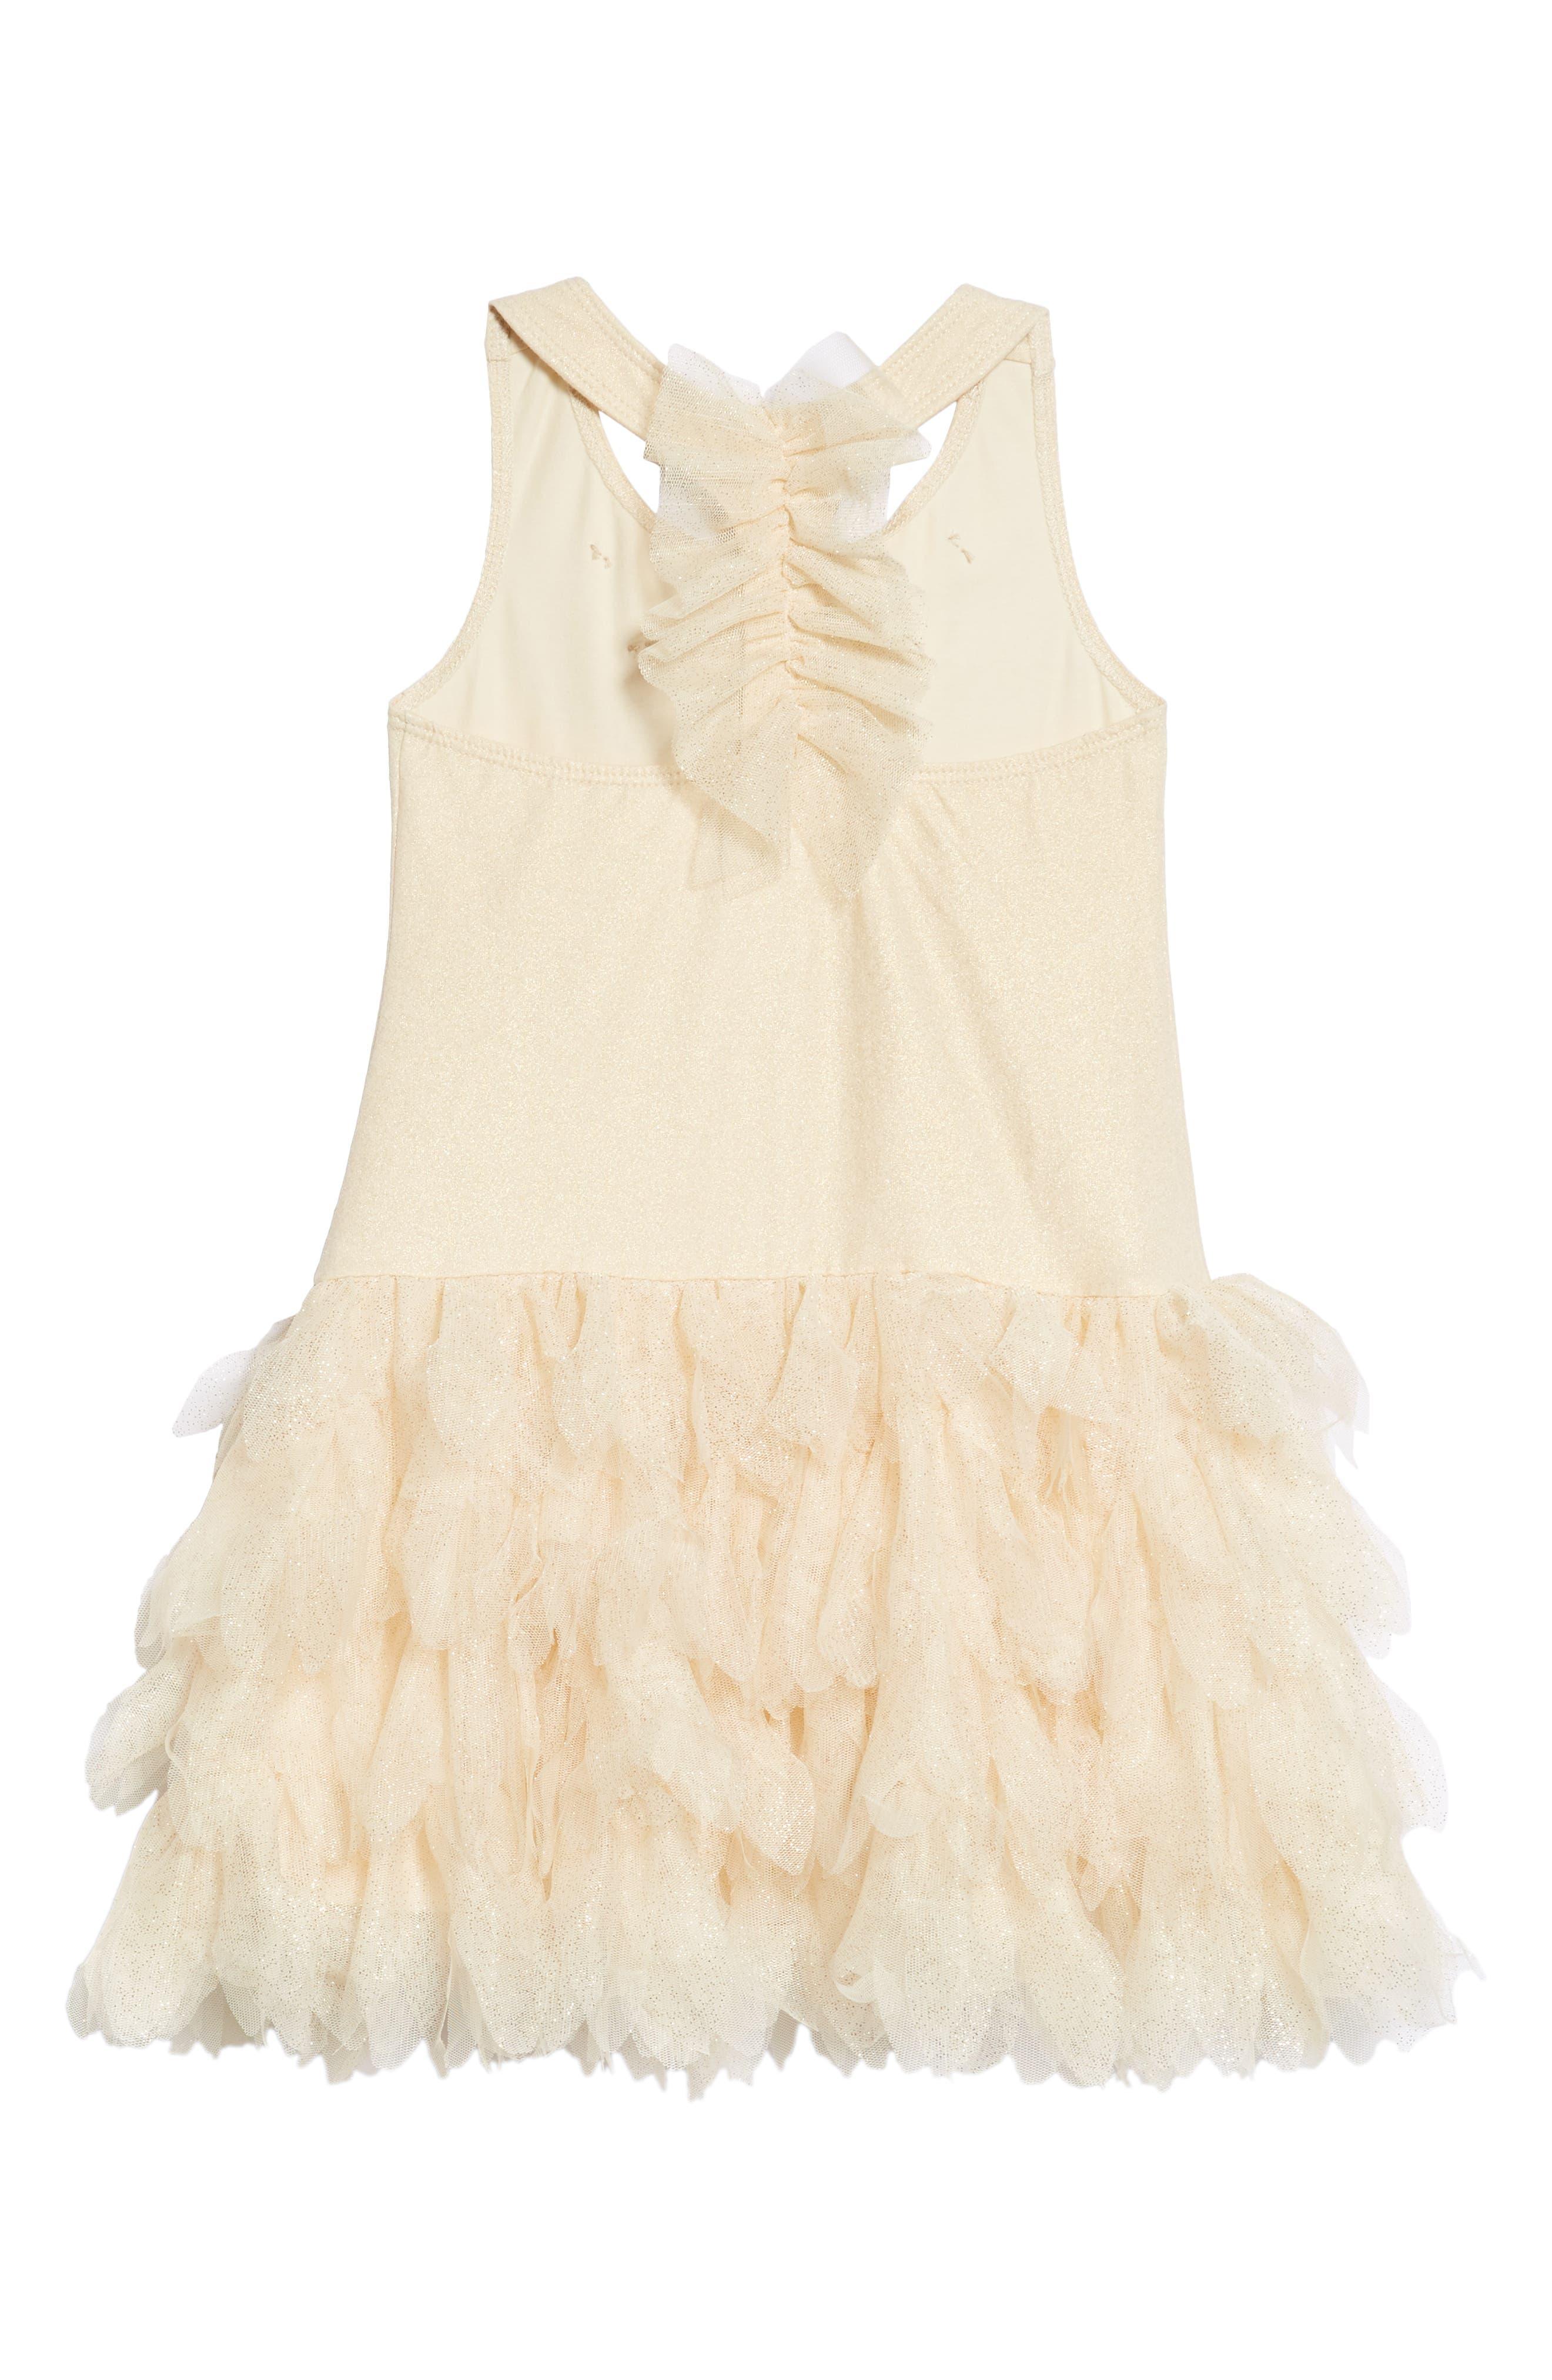 Sleeveless Tulle Dress,                             Alternate thumbnail 2, color,                             710